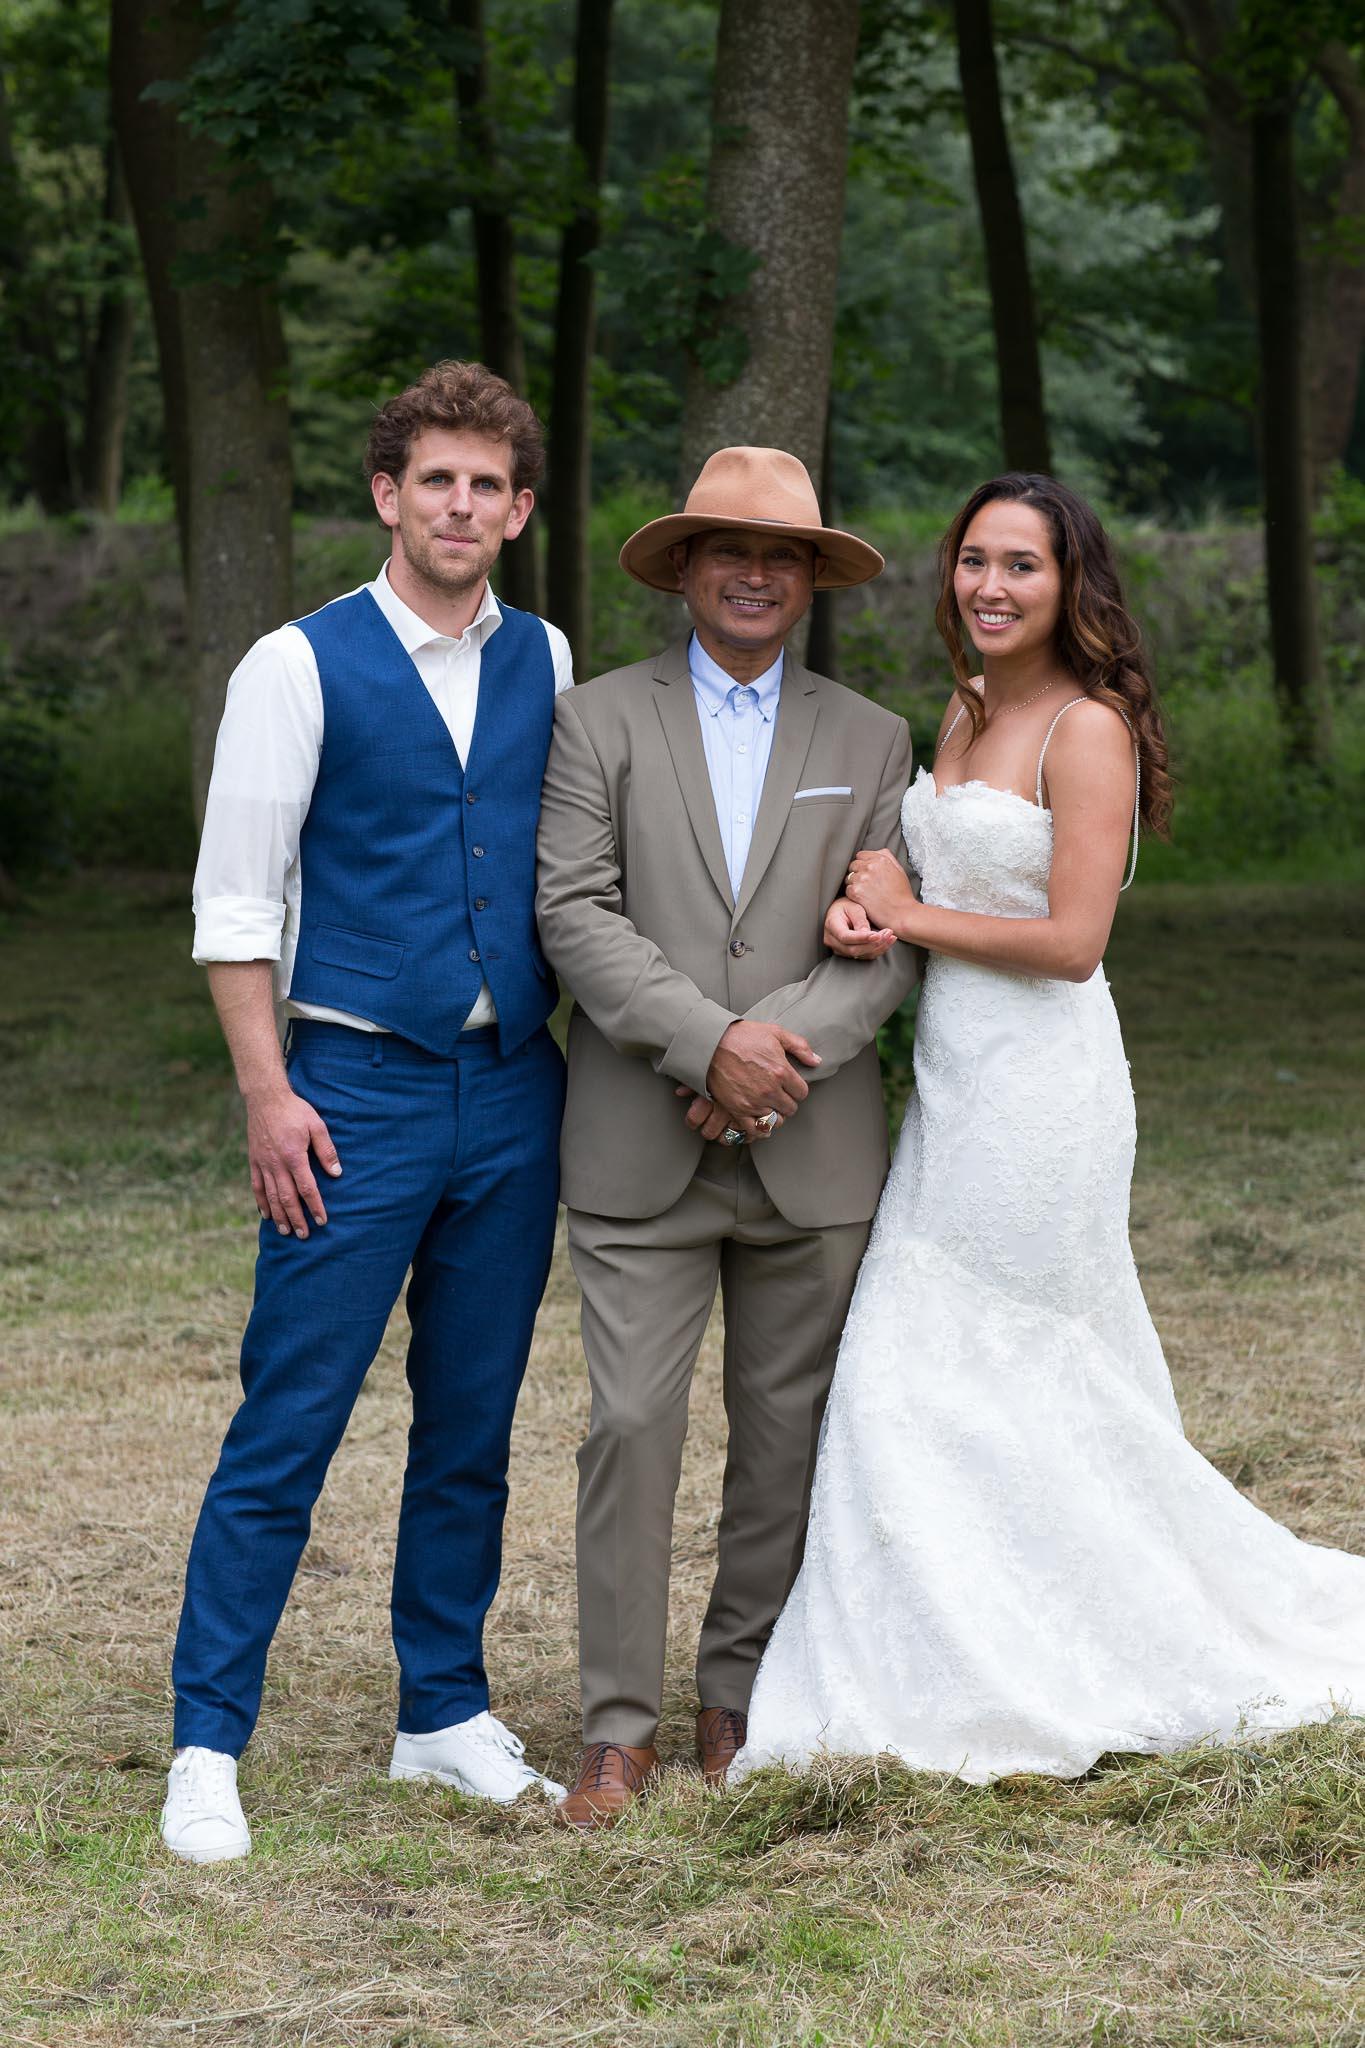 freebirdstories-com_wedding_christiaannina_lowres_695